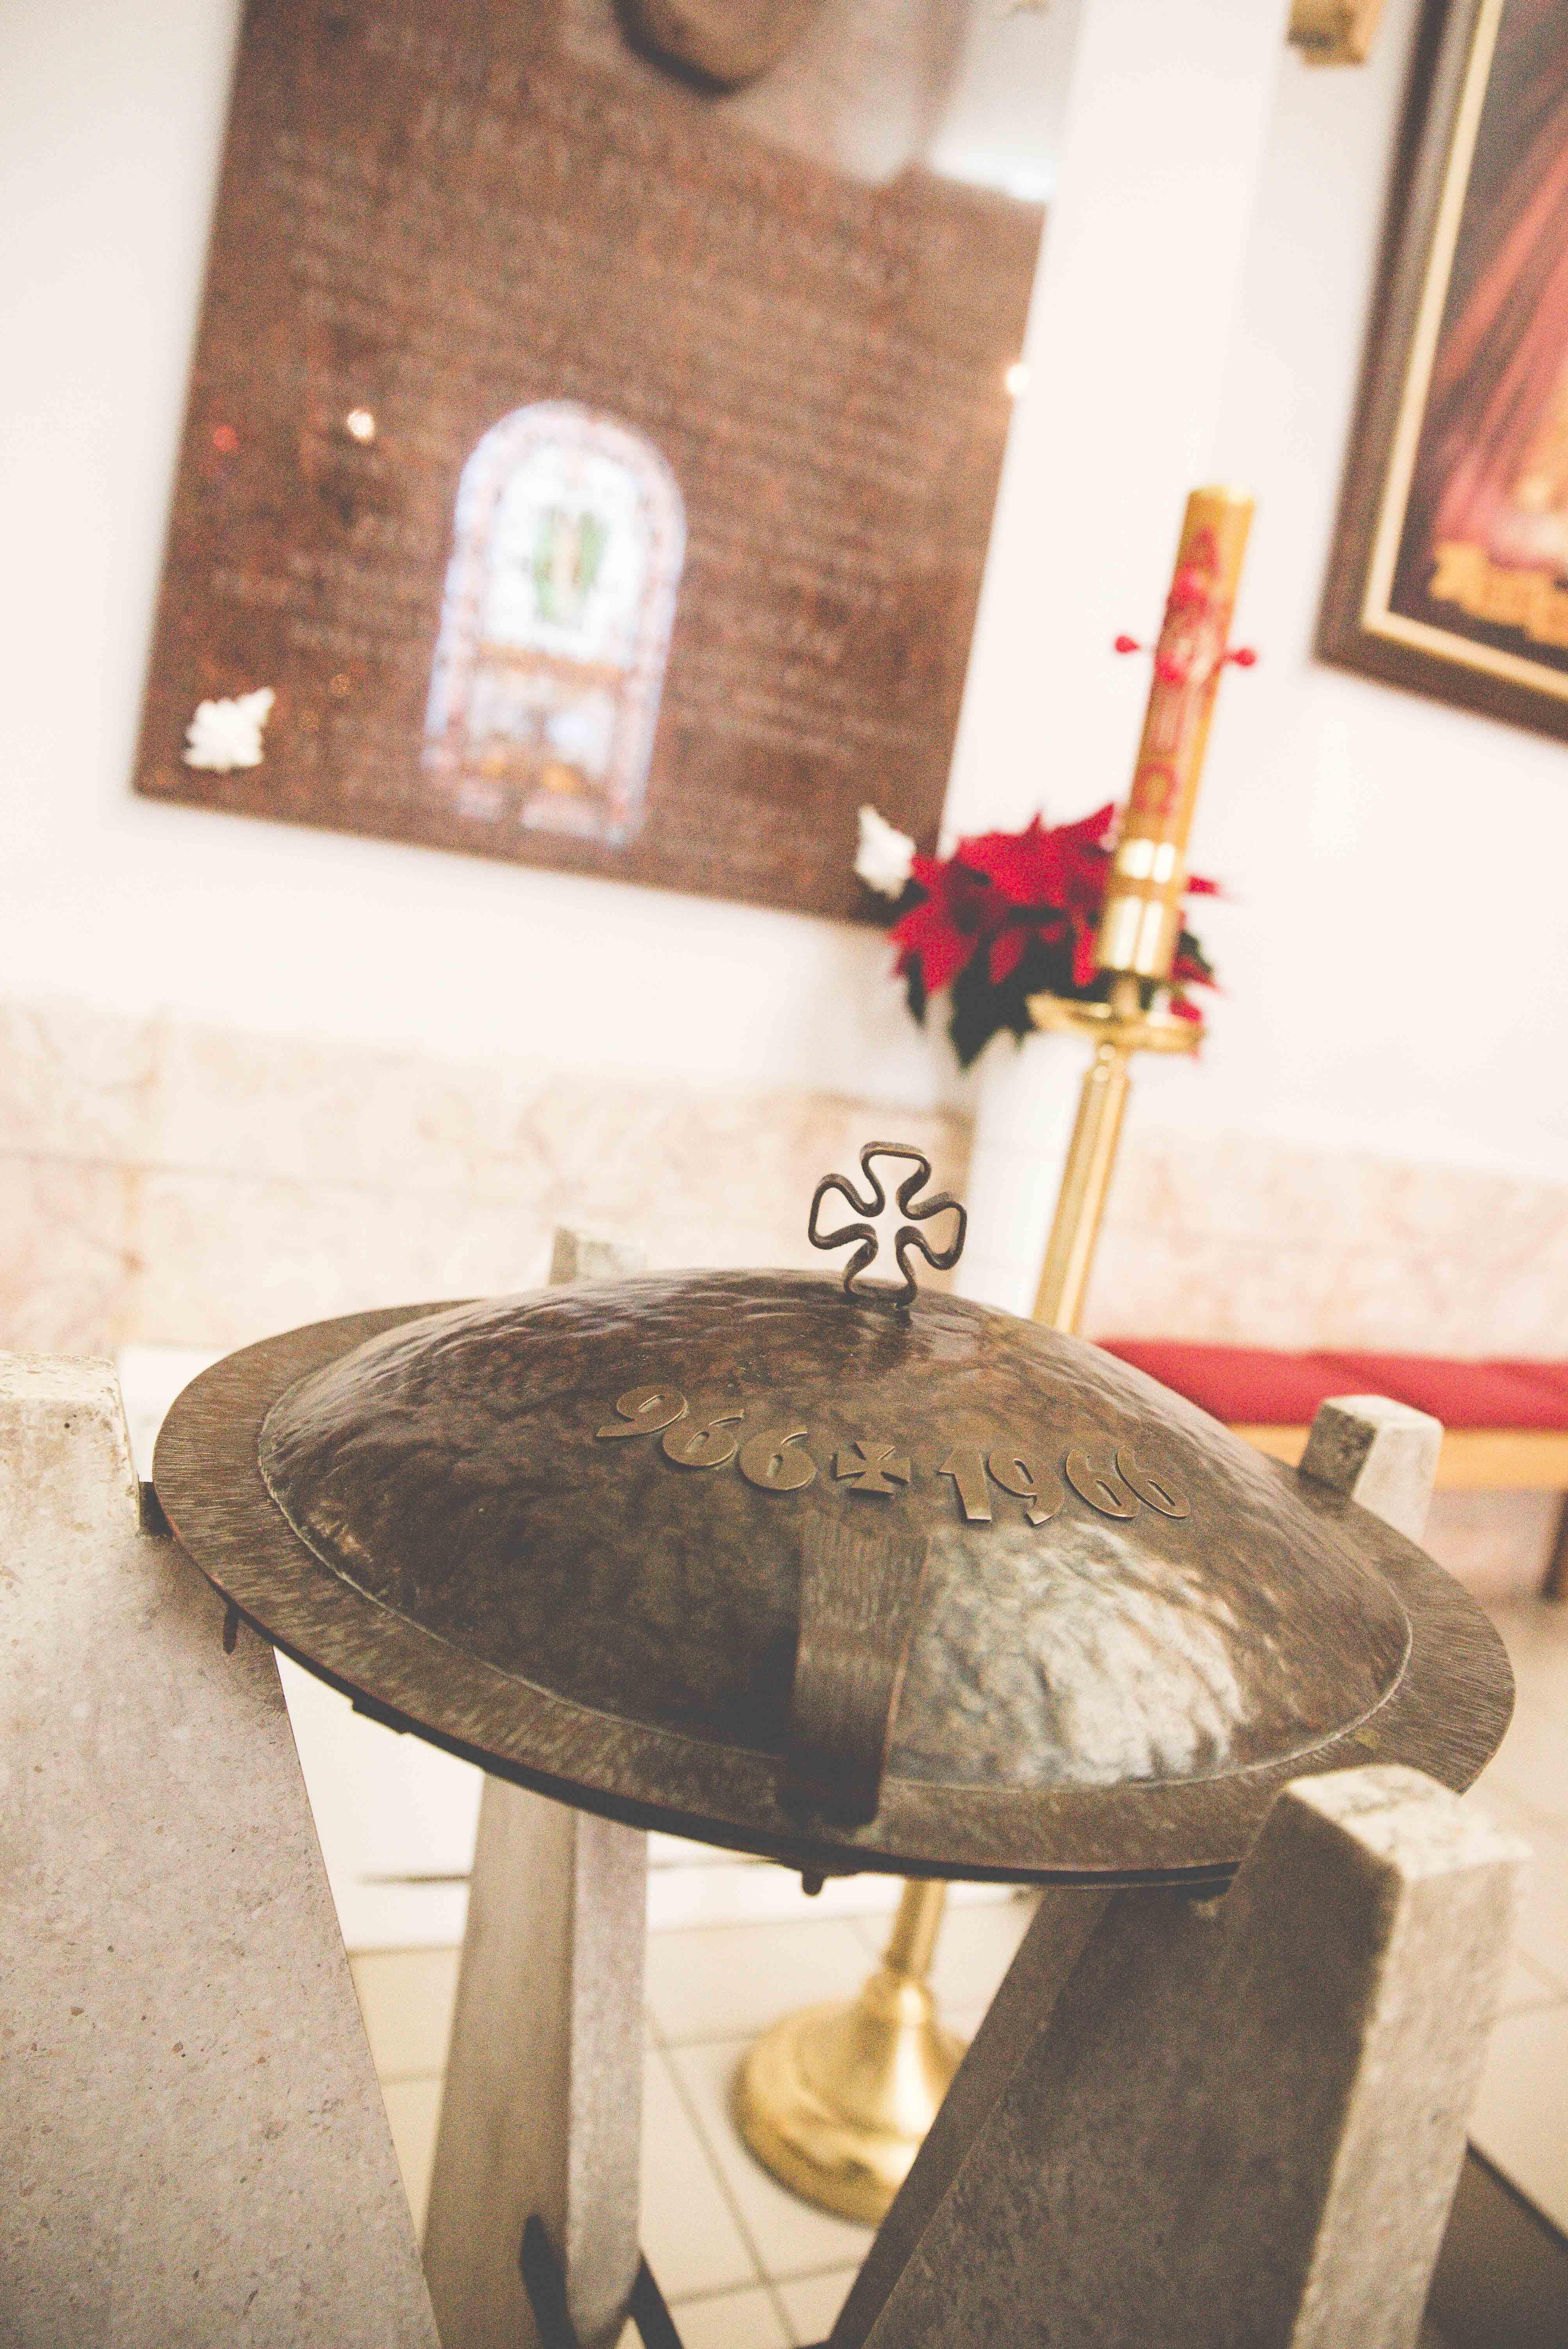 Kosciol Najswietszej Maryi Panny Czestochowskiej we Wroclawiu male (10)